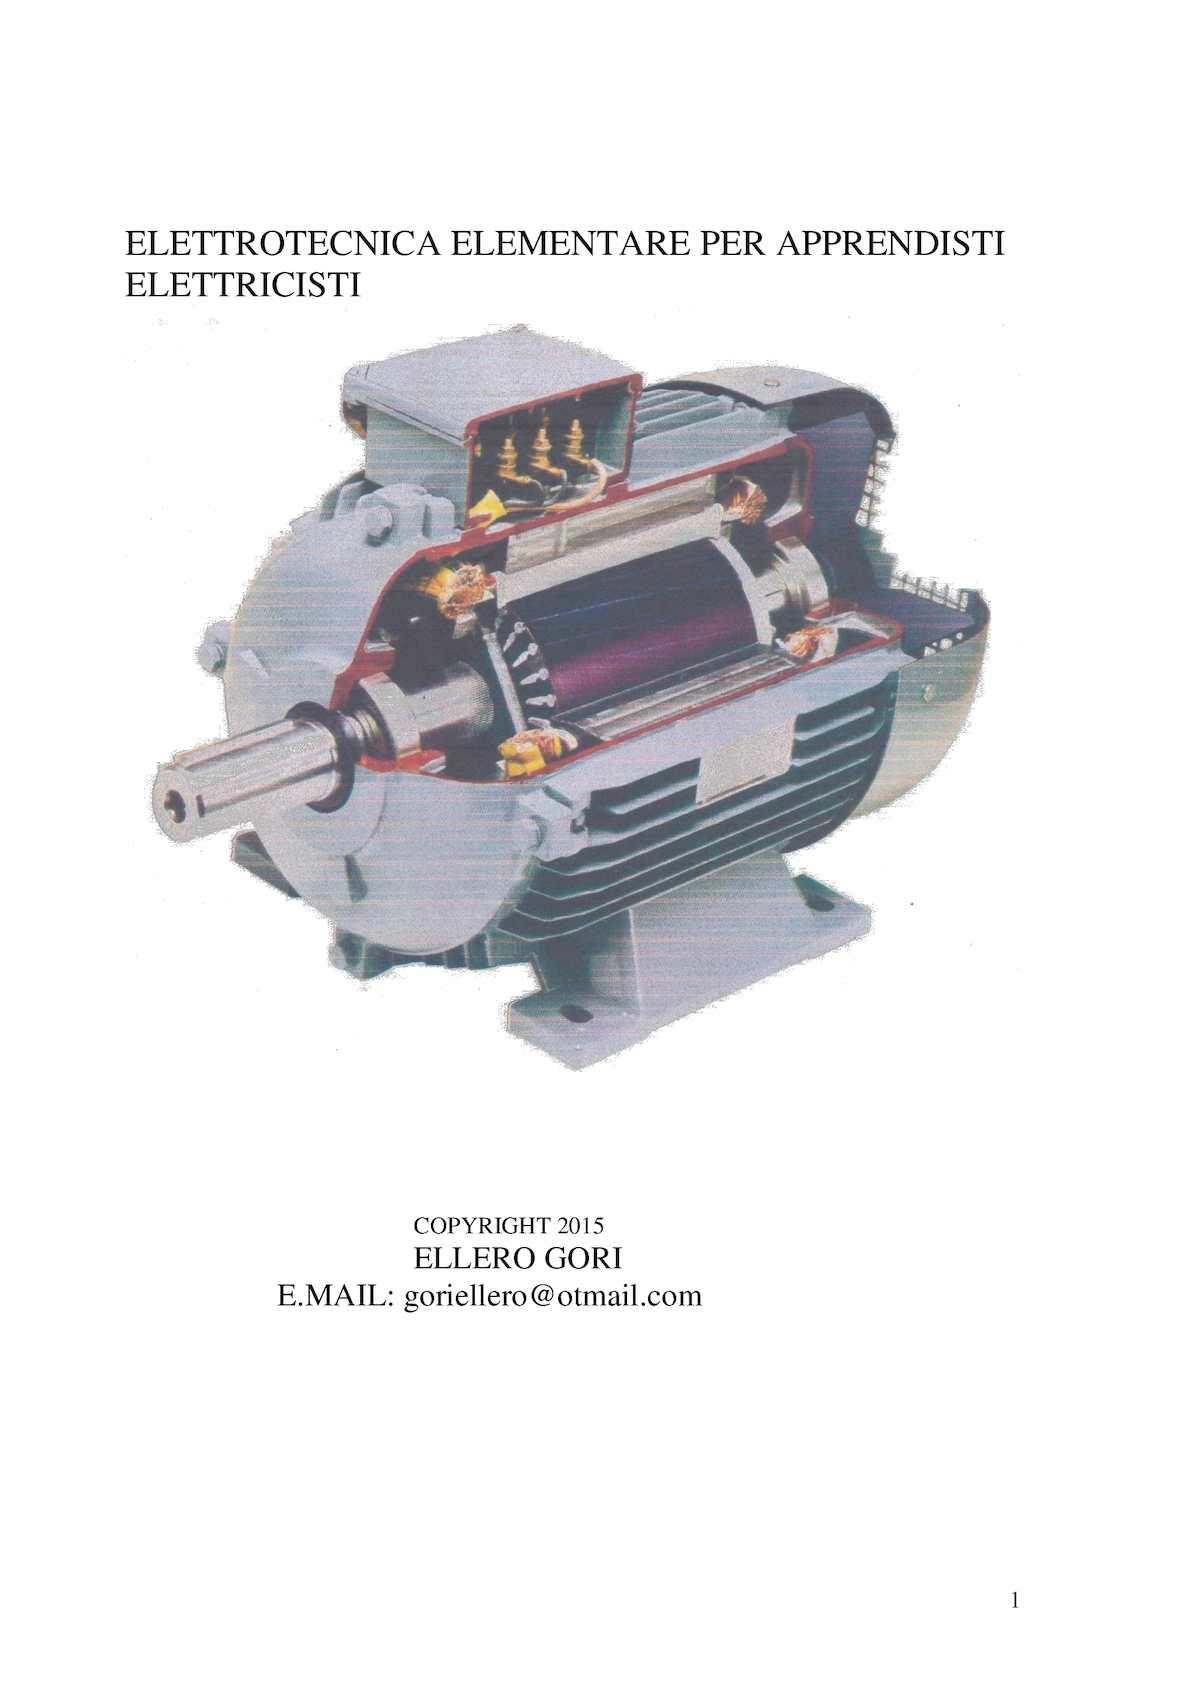 Schema Elettrico Per Avviamento Stella Triangolo : Calaméo elttrotecnica elementare per apprendisti elettricisti